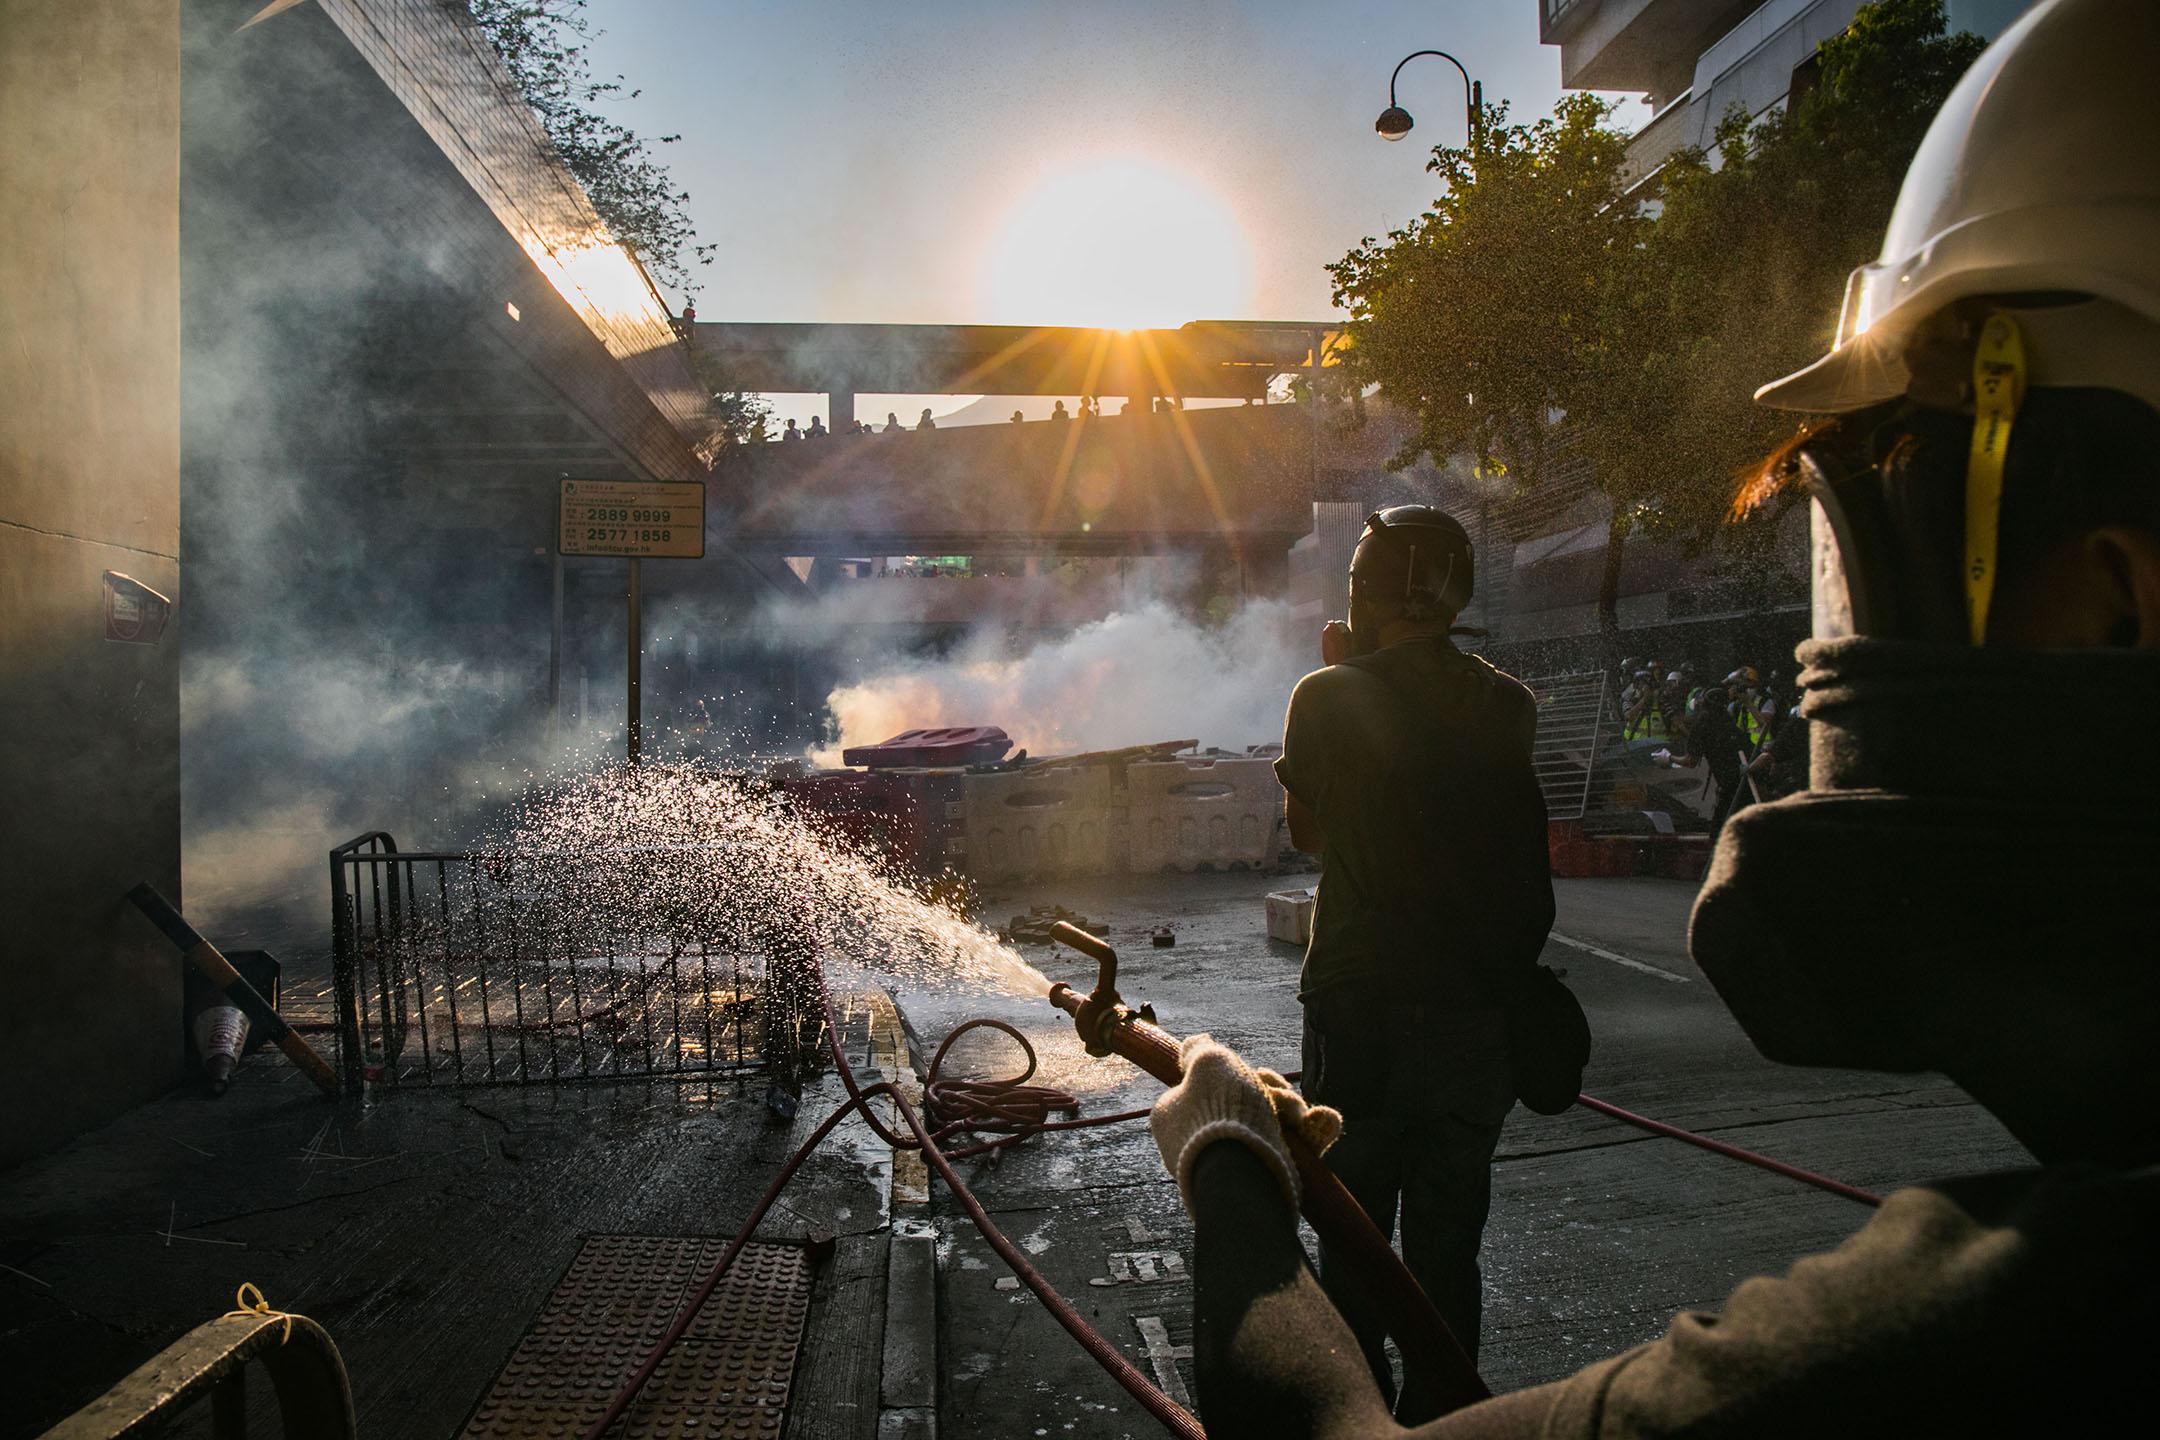 9月21日,五時半左右,屯門大會堂旁,示威者用水淋滅催淚煙。